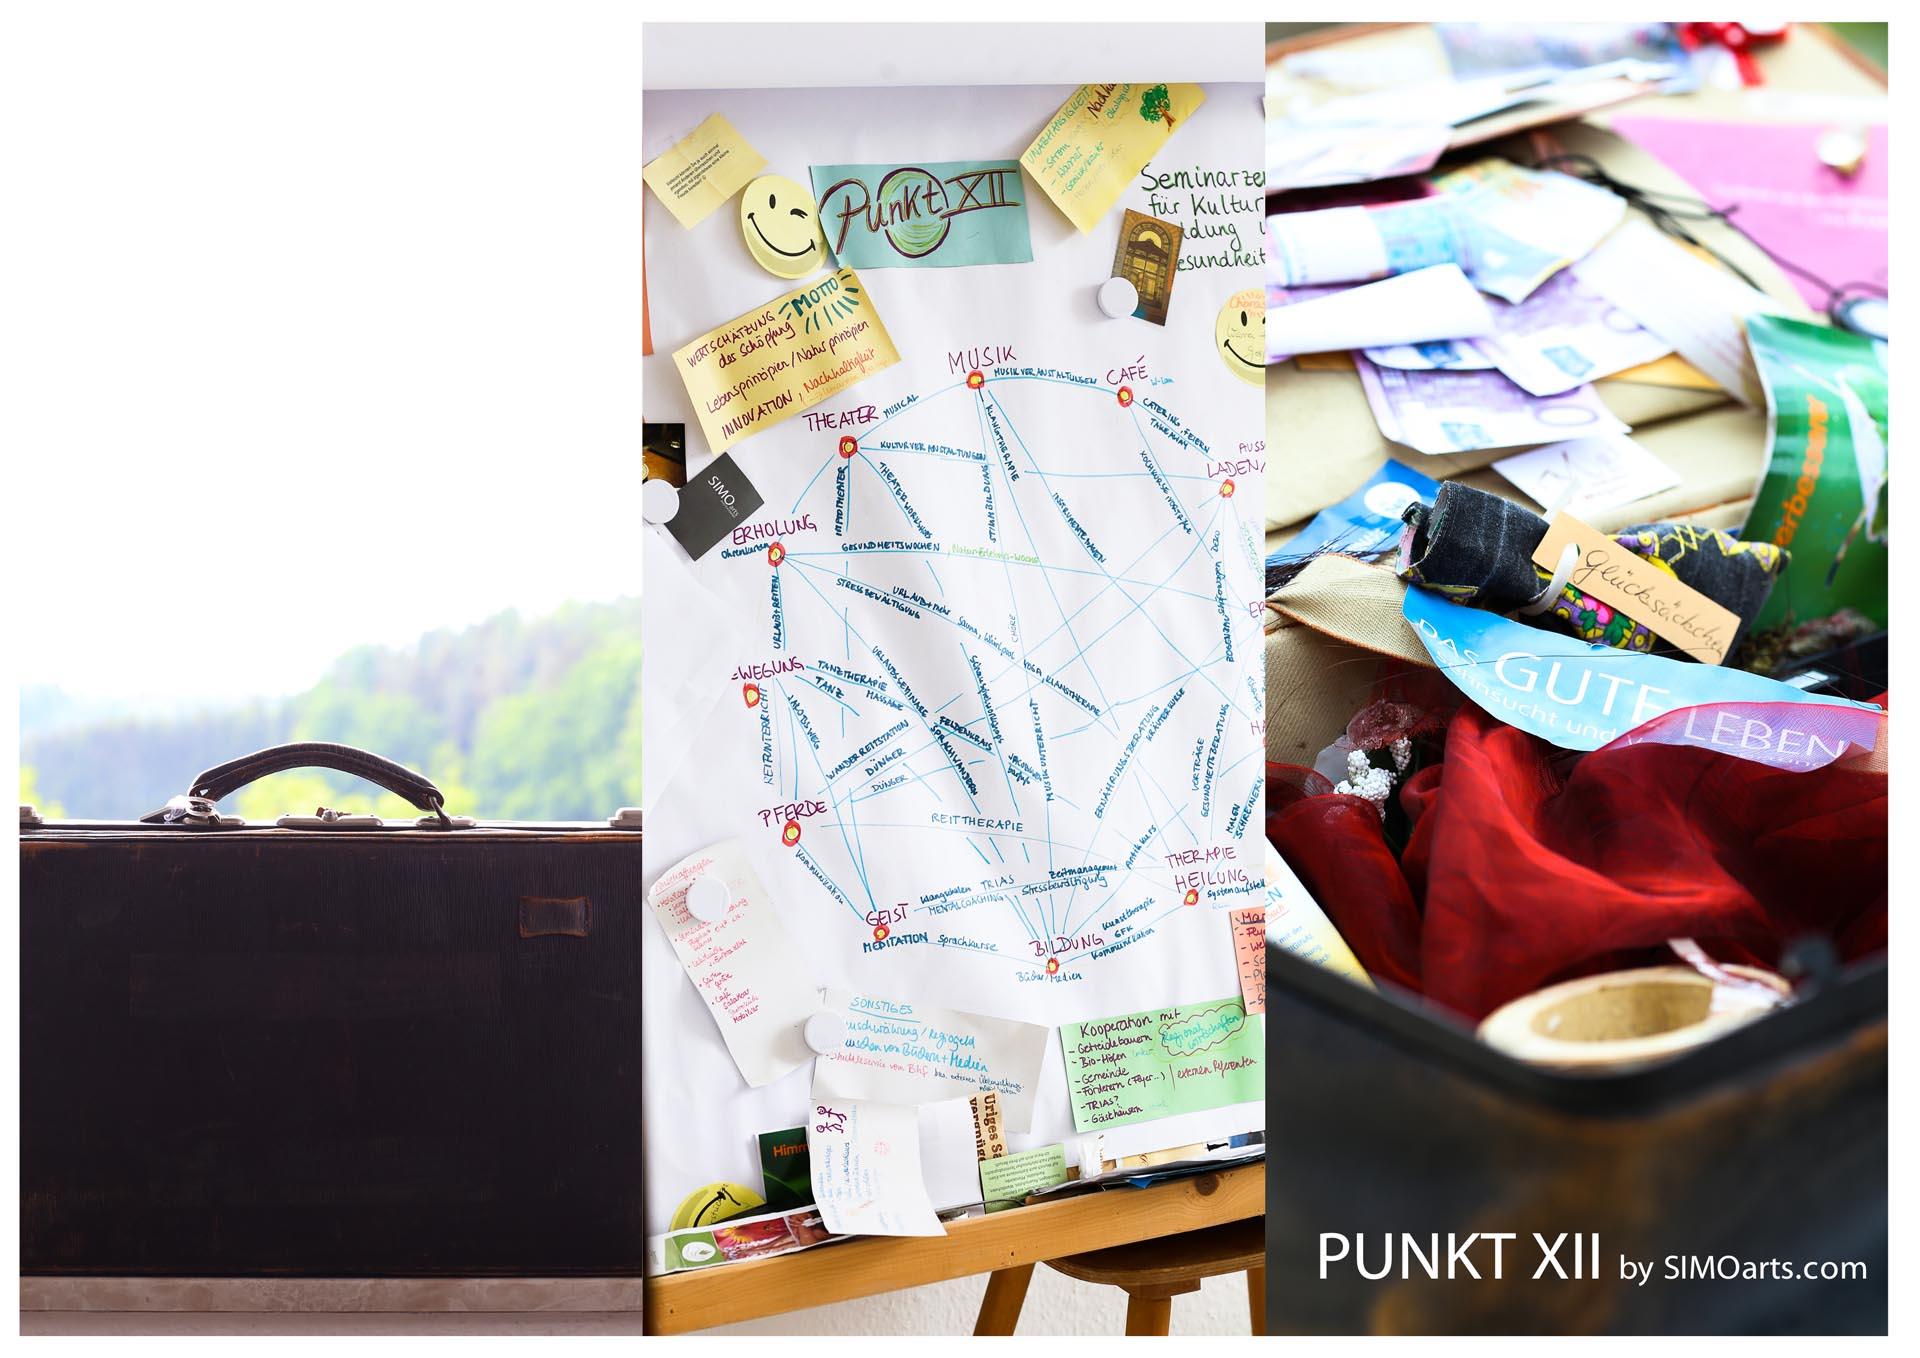 PUNKT XII ist ein Ort zum Mitgestalten